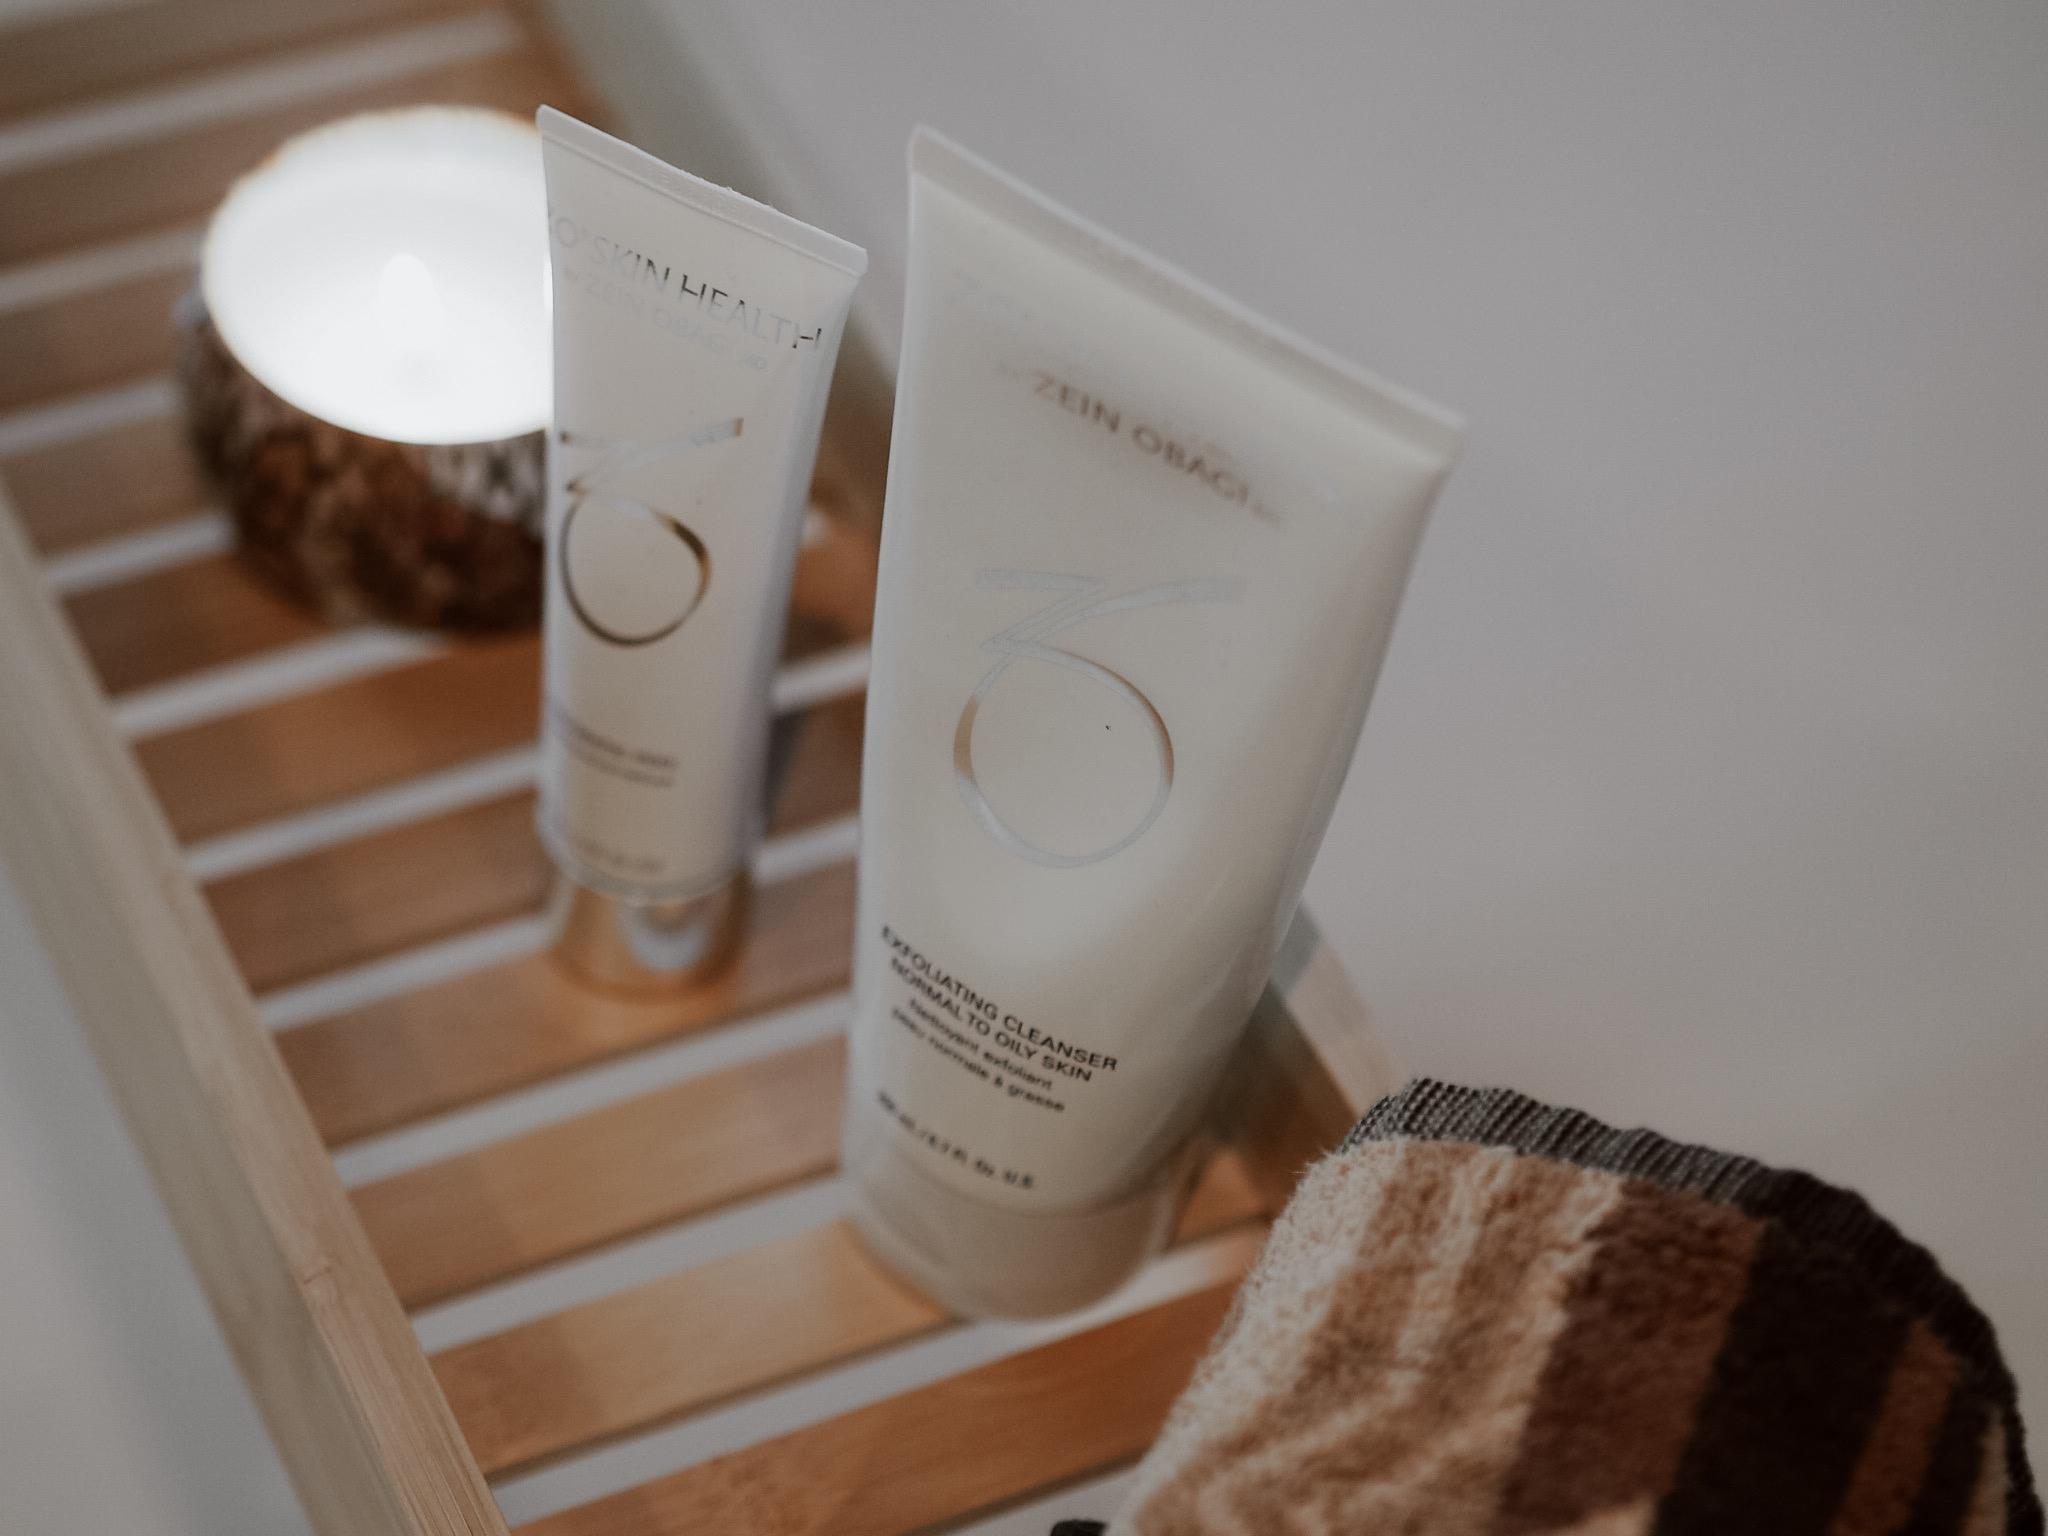 Zo Skin health fra Cspa Buddakhan i Kristiansund